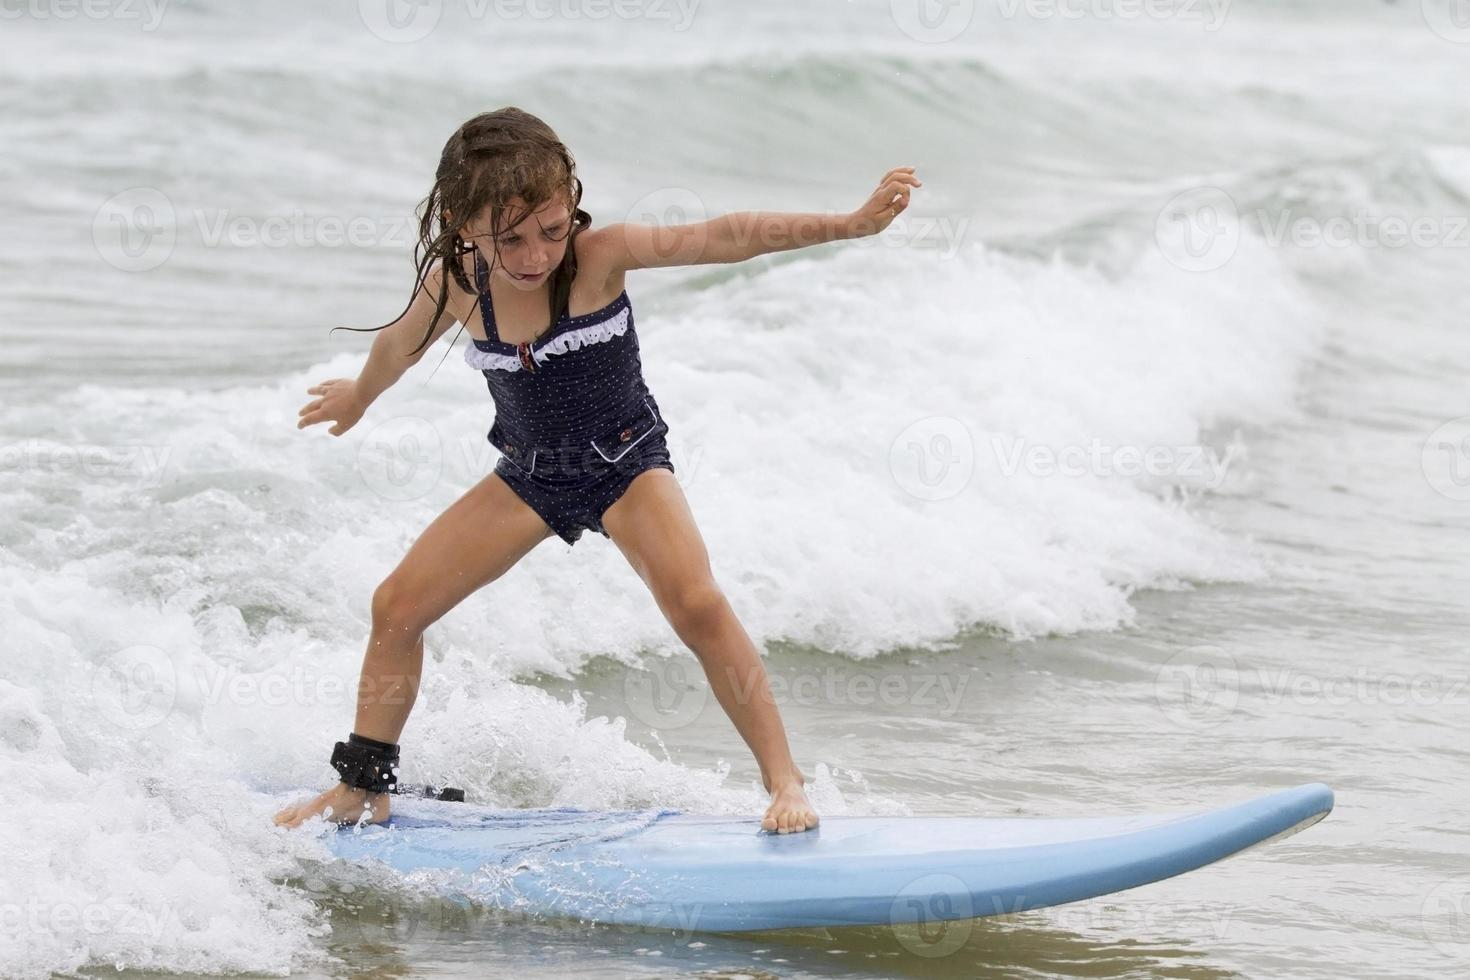 Luna surfing. photo